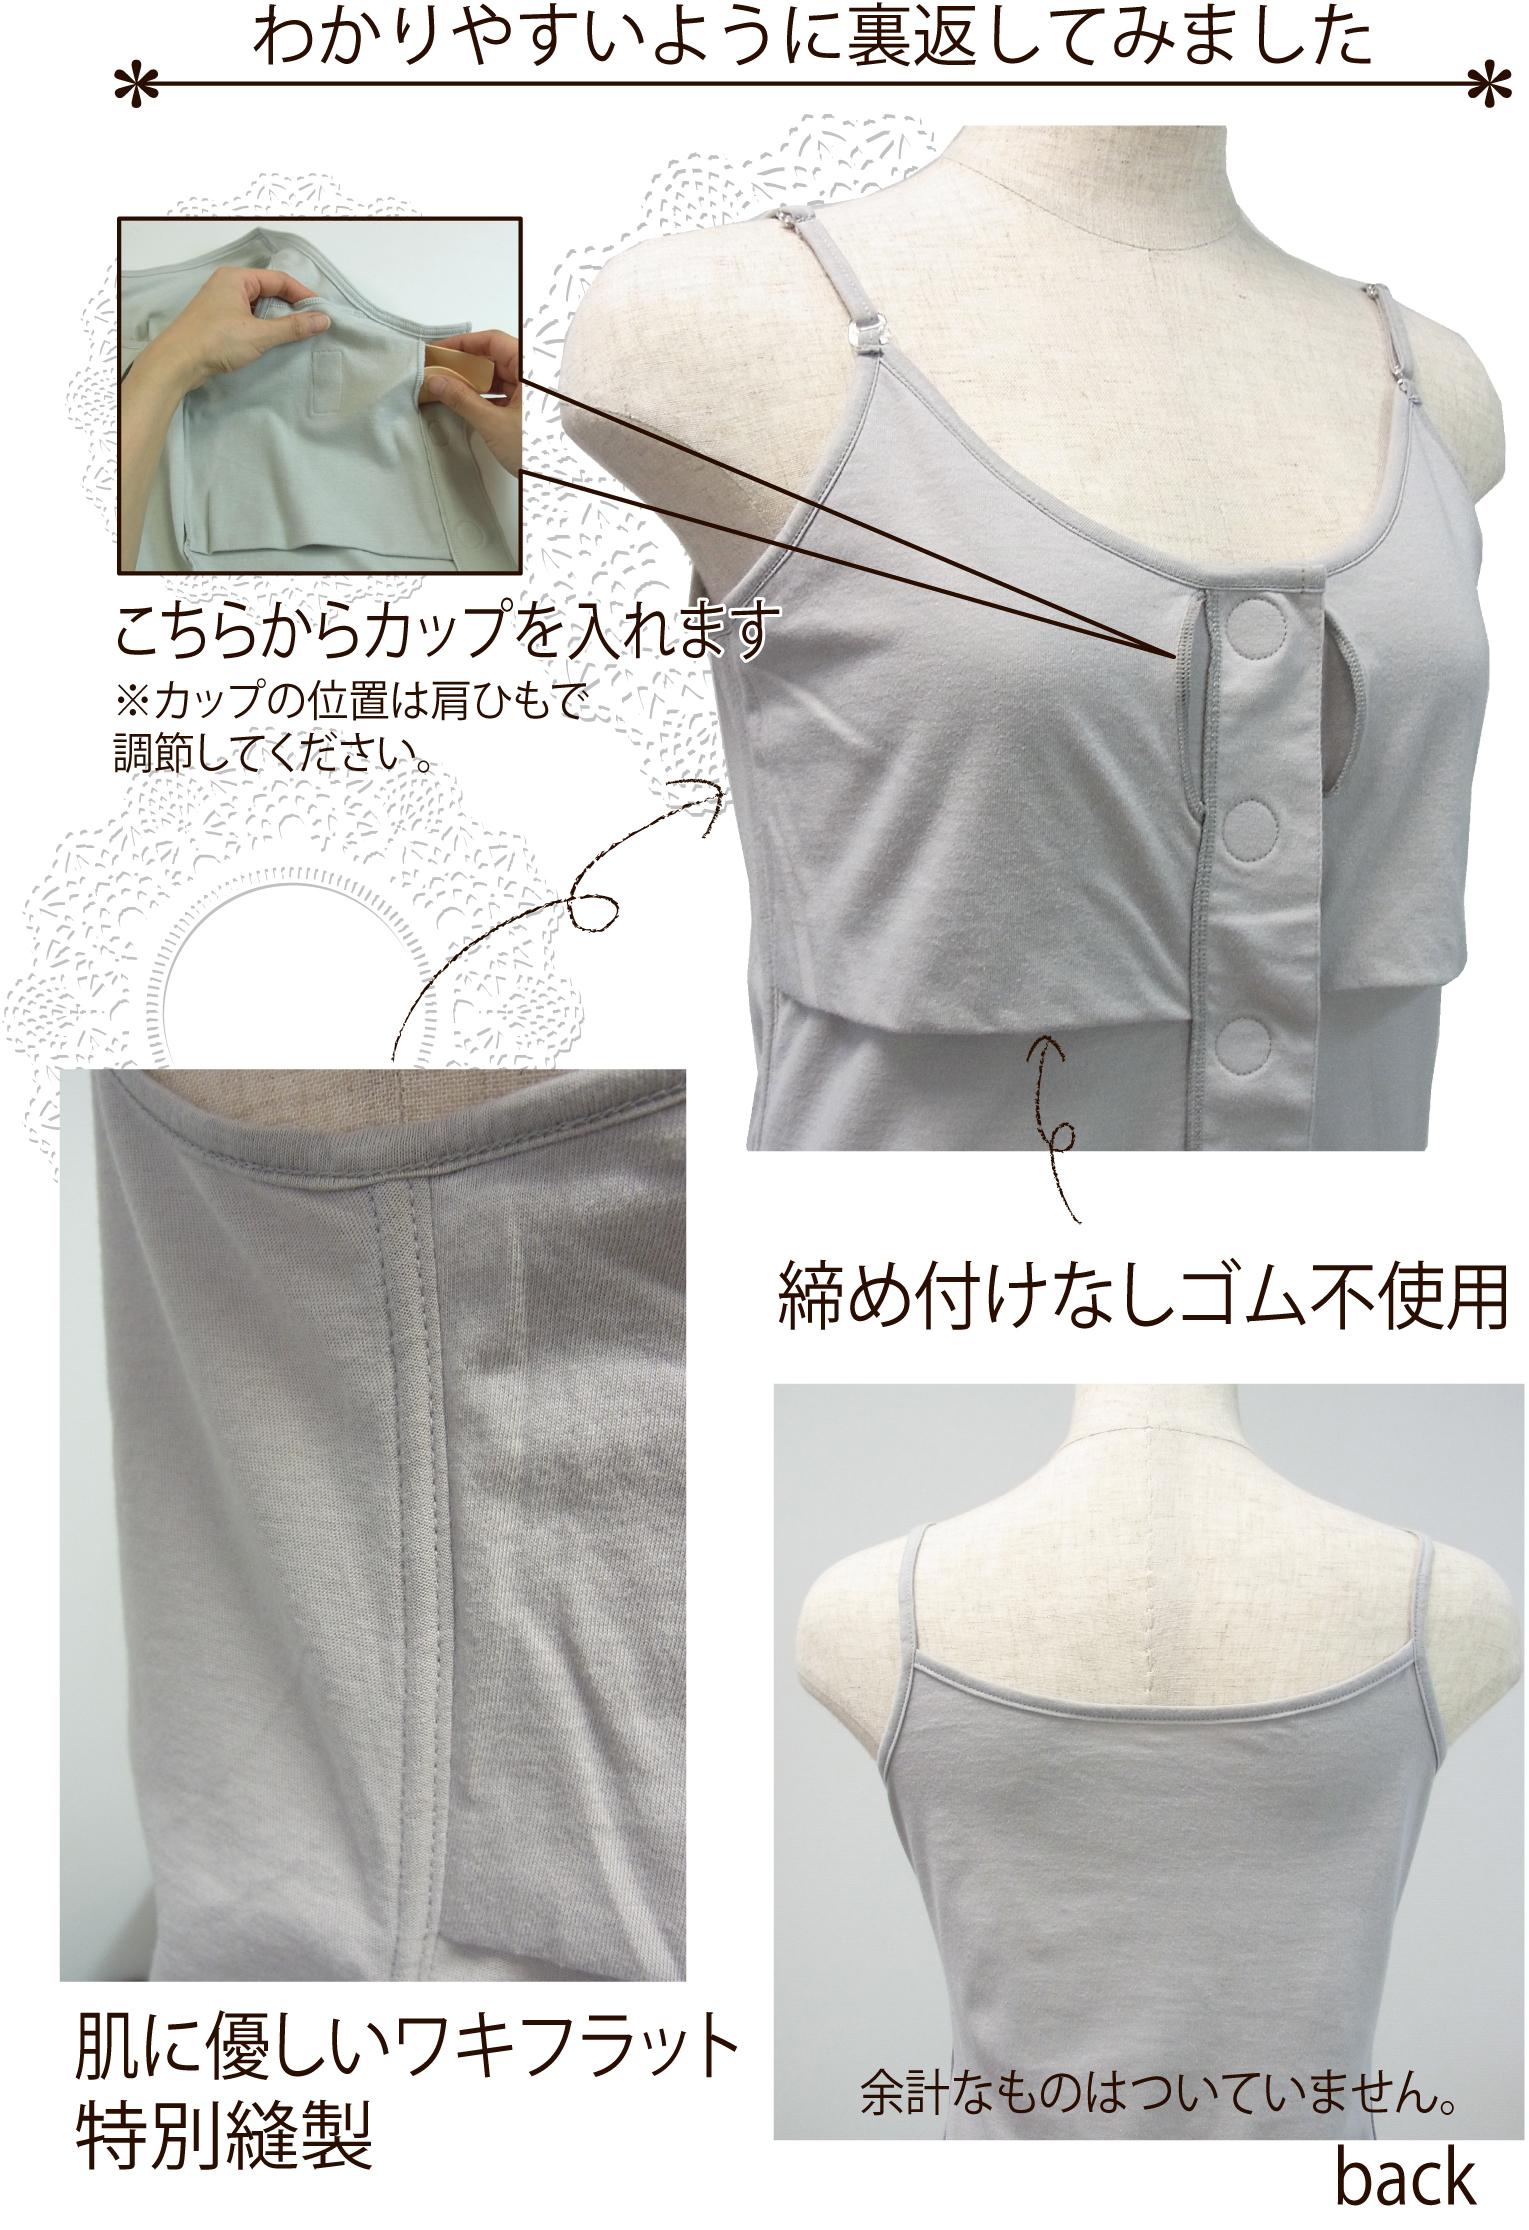 カップ付きキャミソール 女性用 前開き下着 アンダーゴムなし 乳がん ワンタッチ肌着 グレー色 トトカ オリジナル